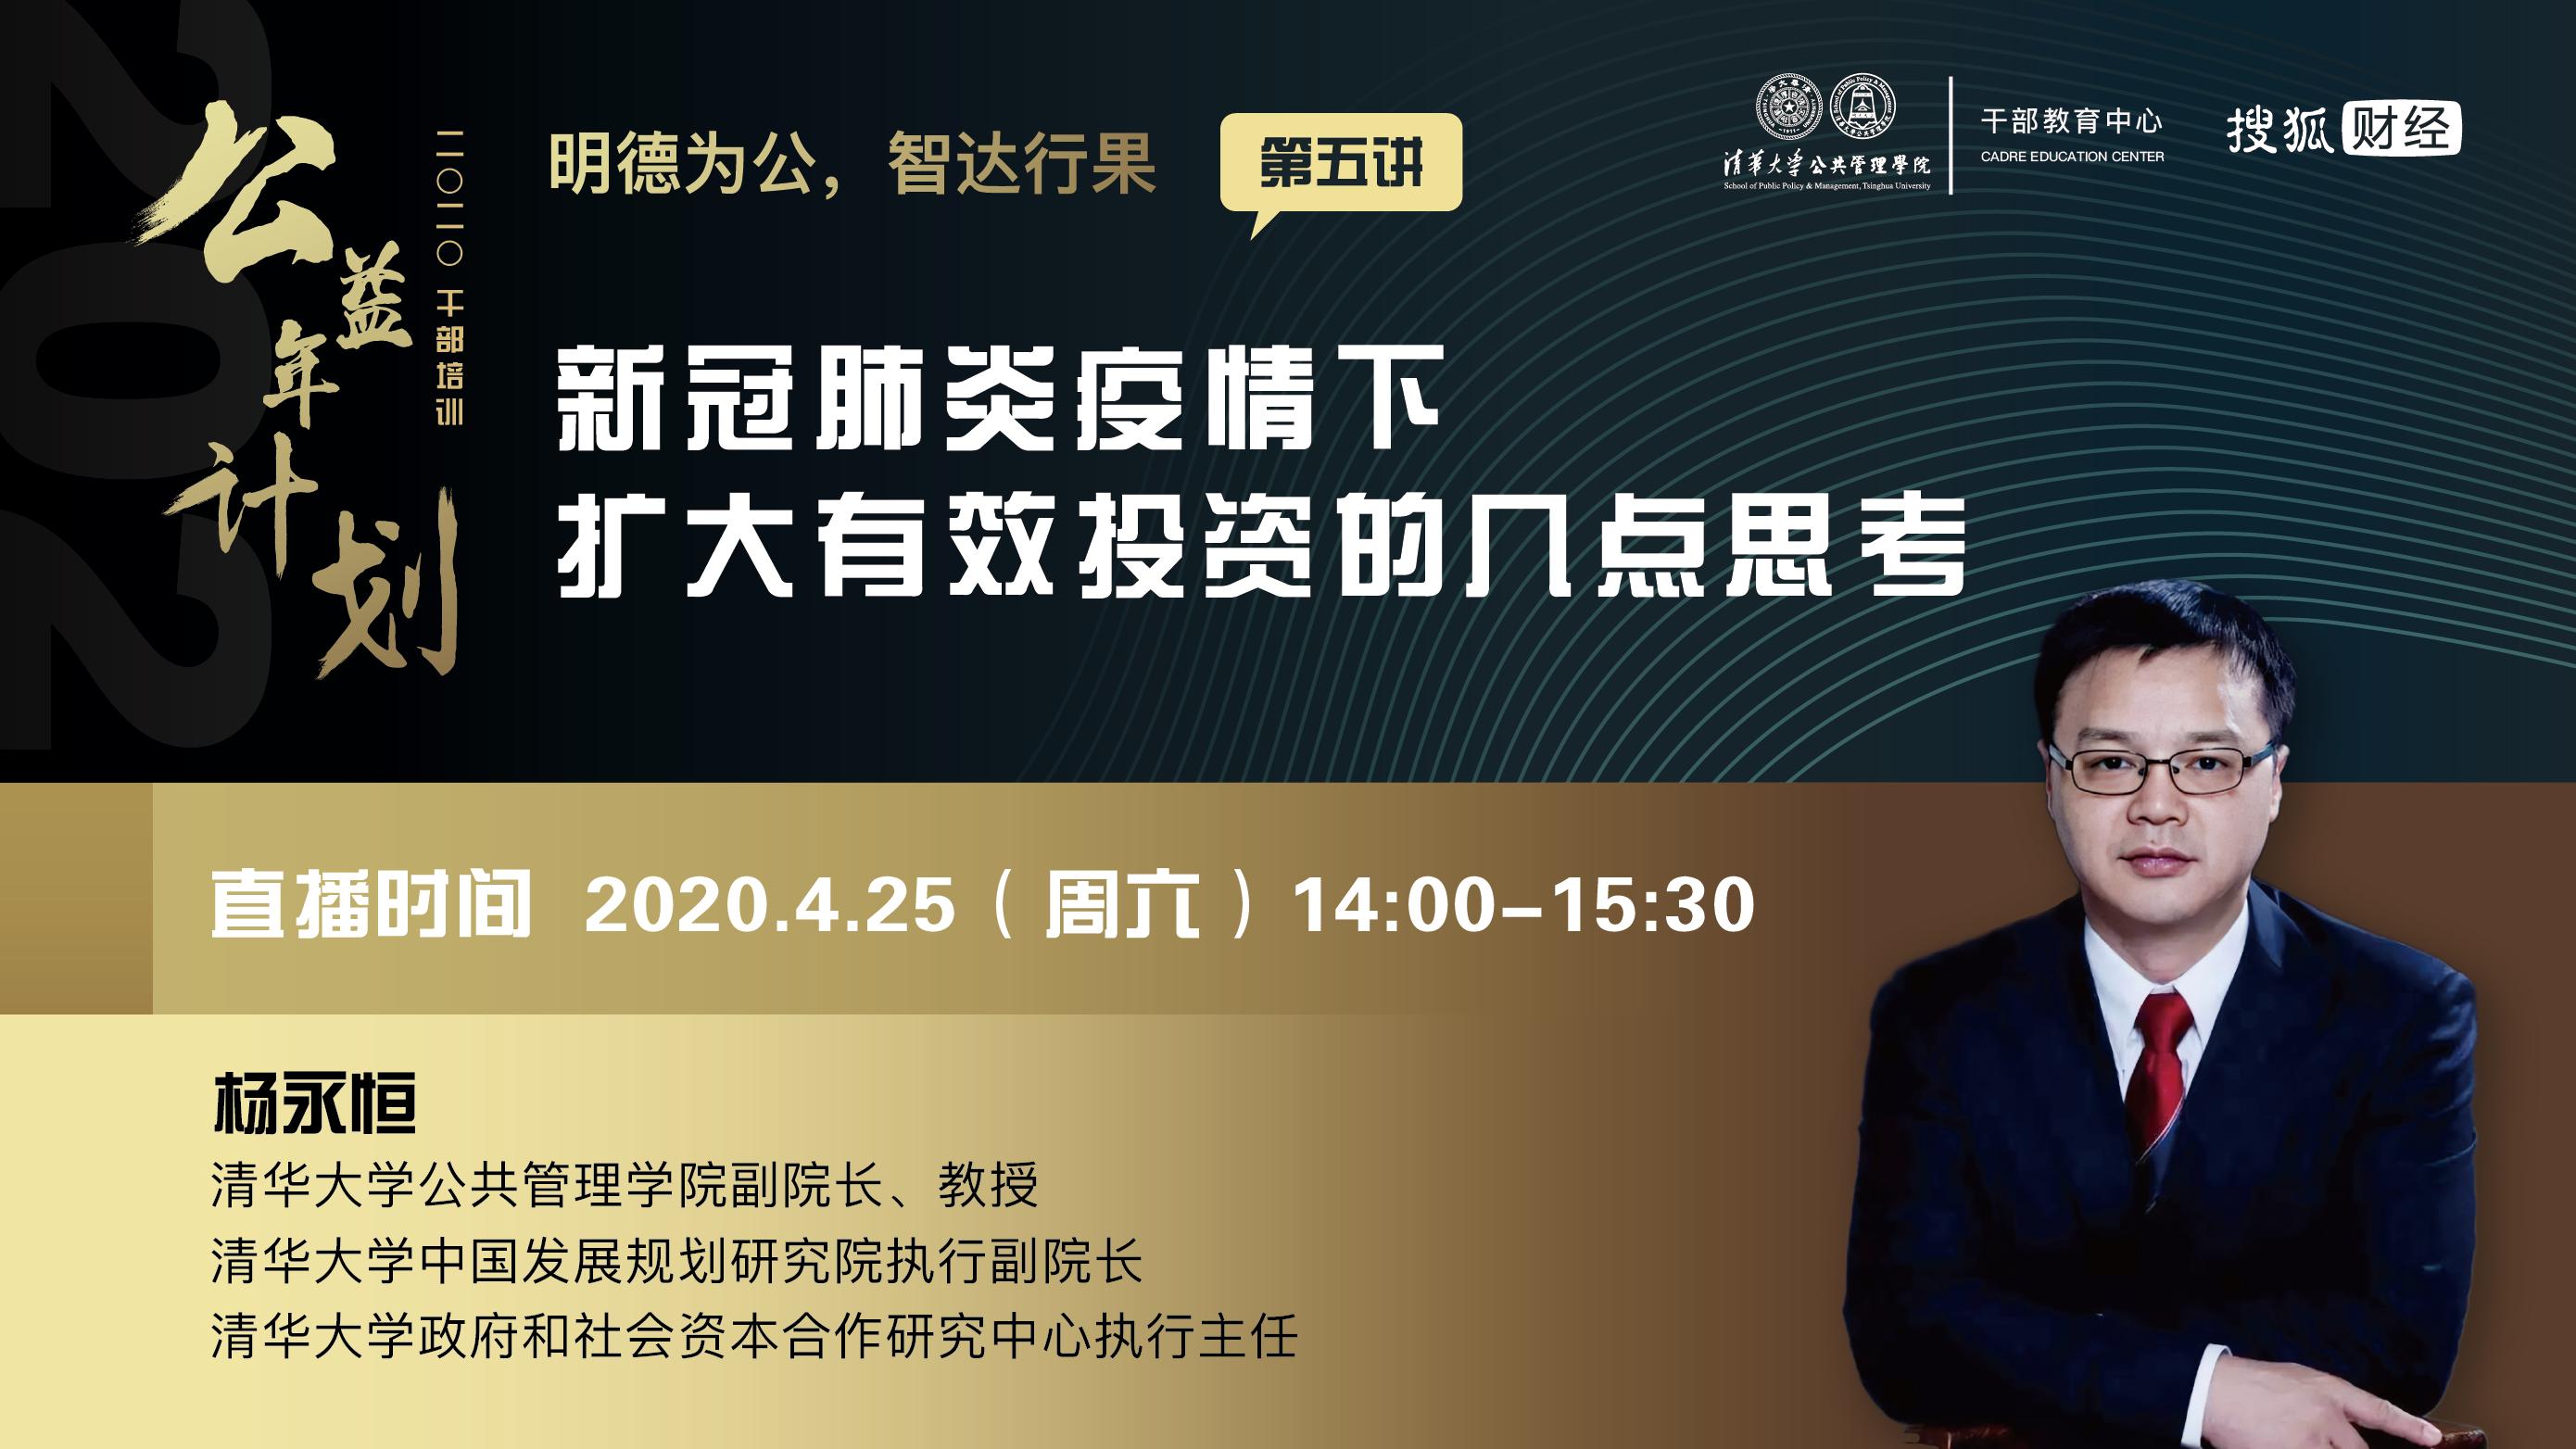 杨永恒:中国人平均有8年生活在不健康状况,应鼓励社会资本投资健康养老服务